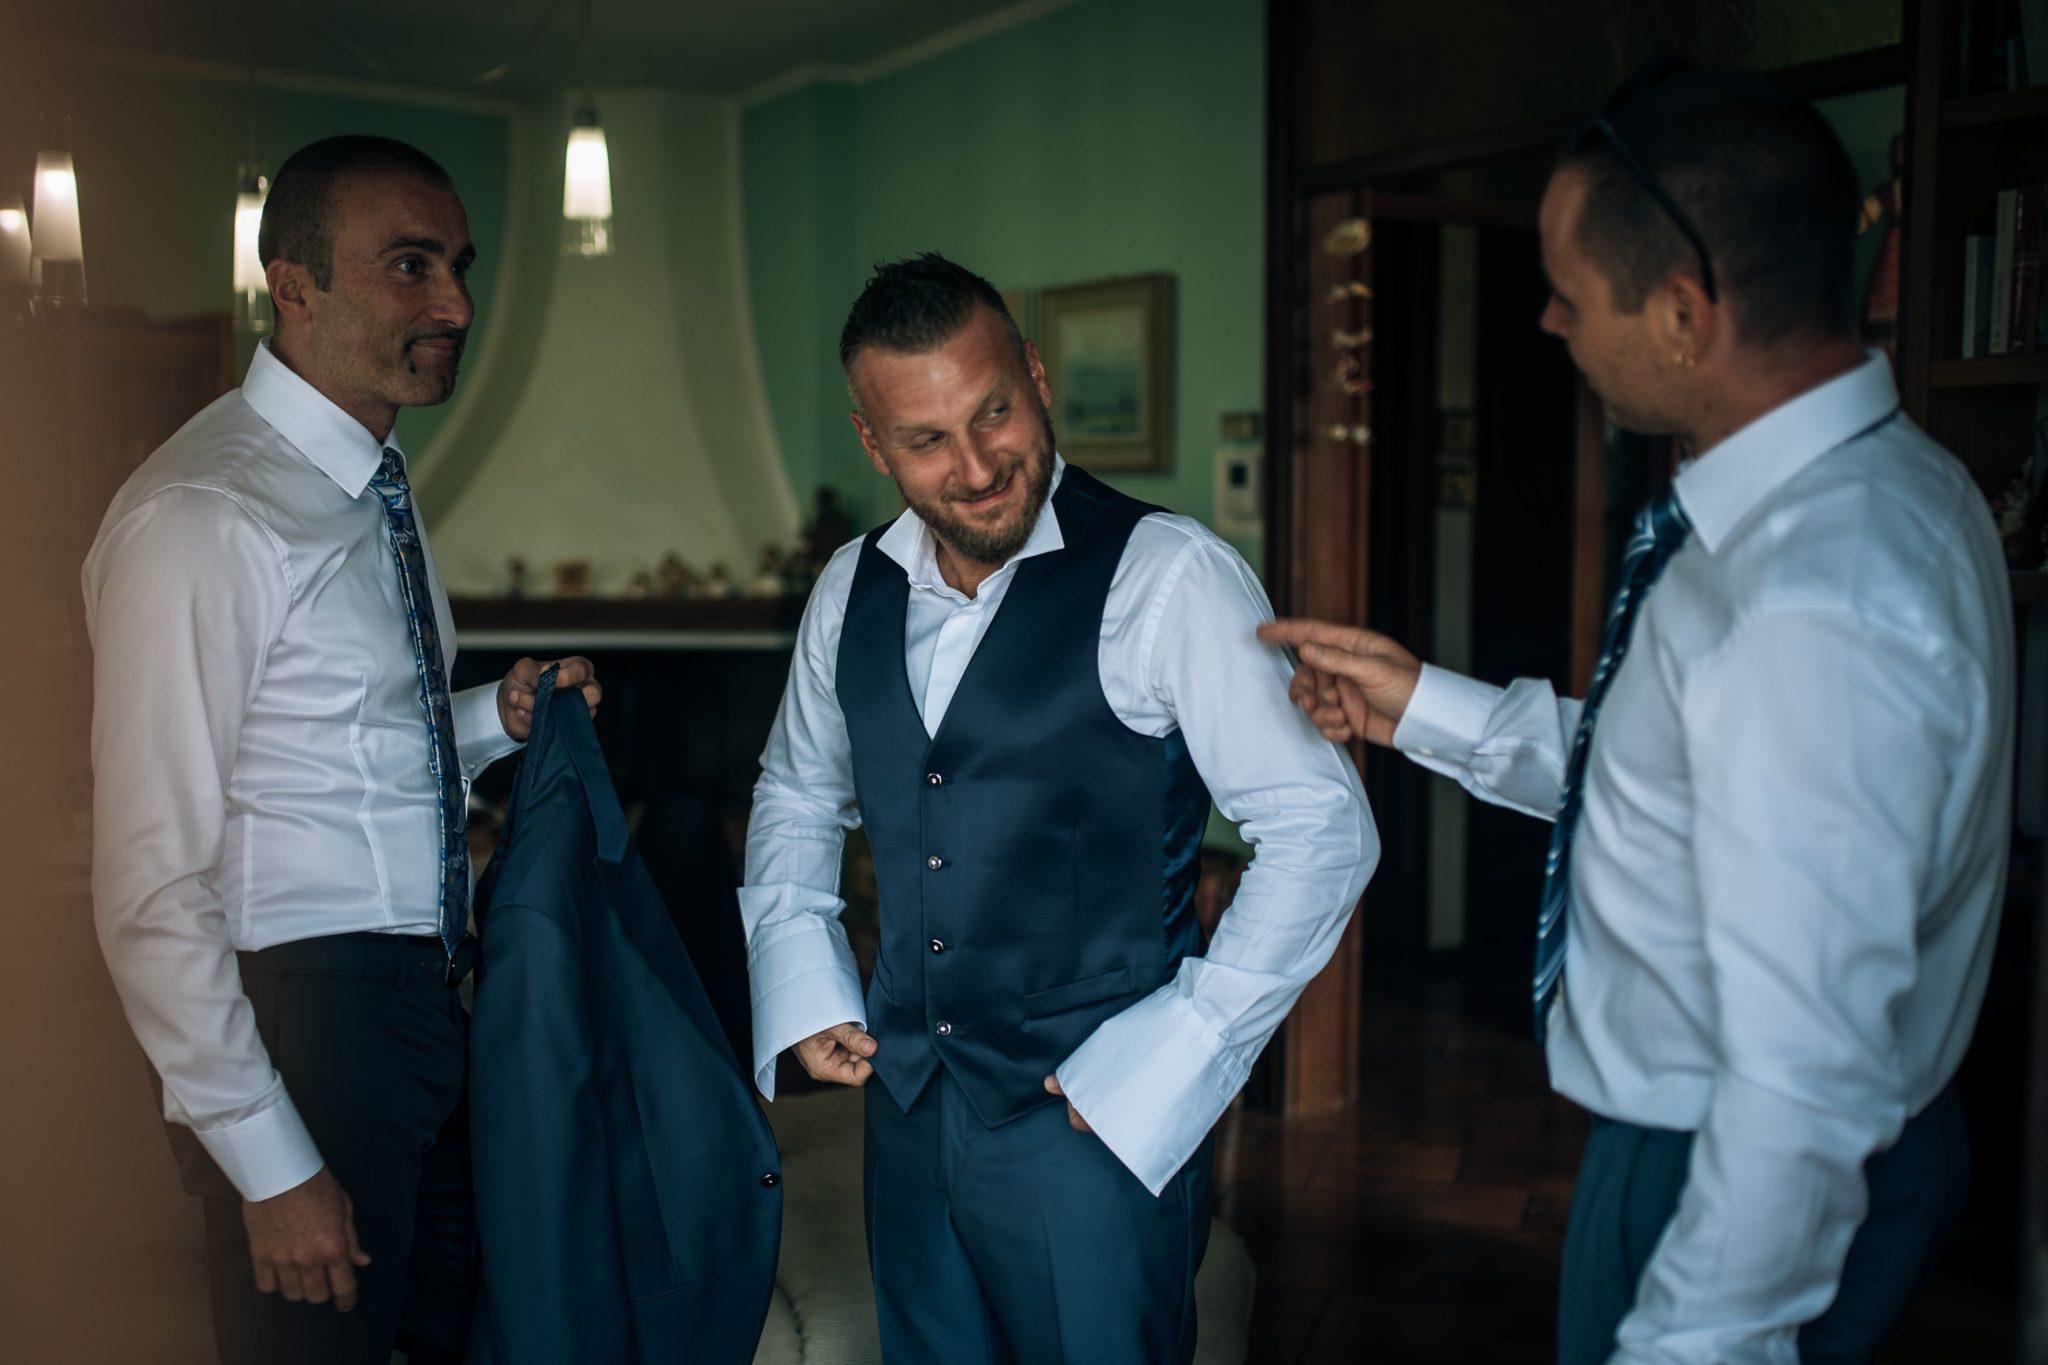 lo sposo insieme ai testimoni di nozze mentre si preparano per il matrimonio